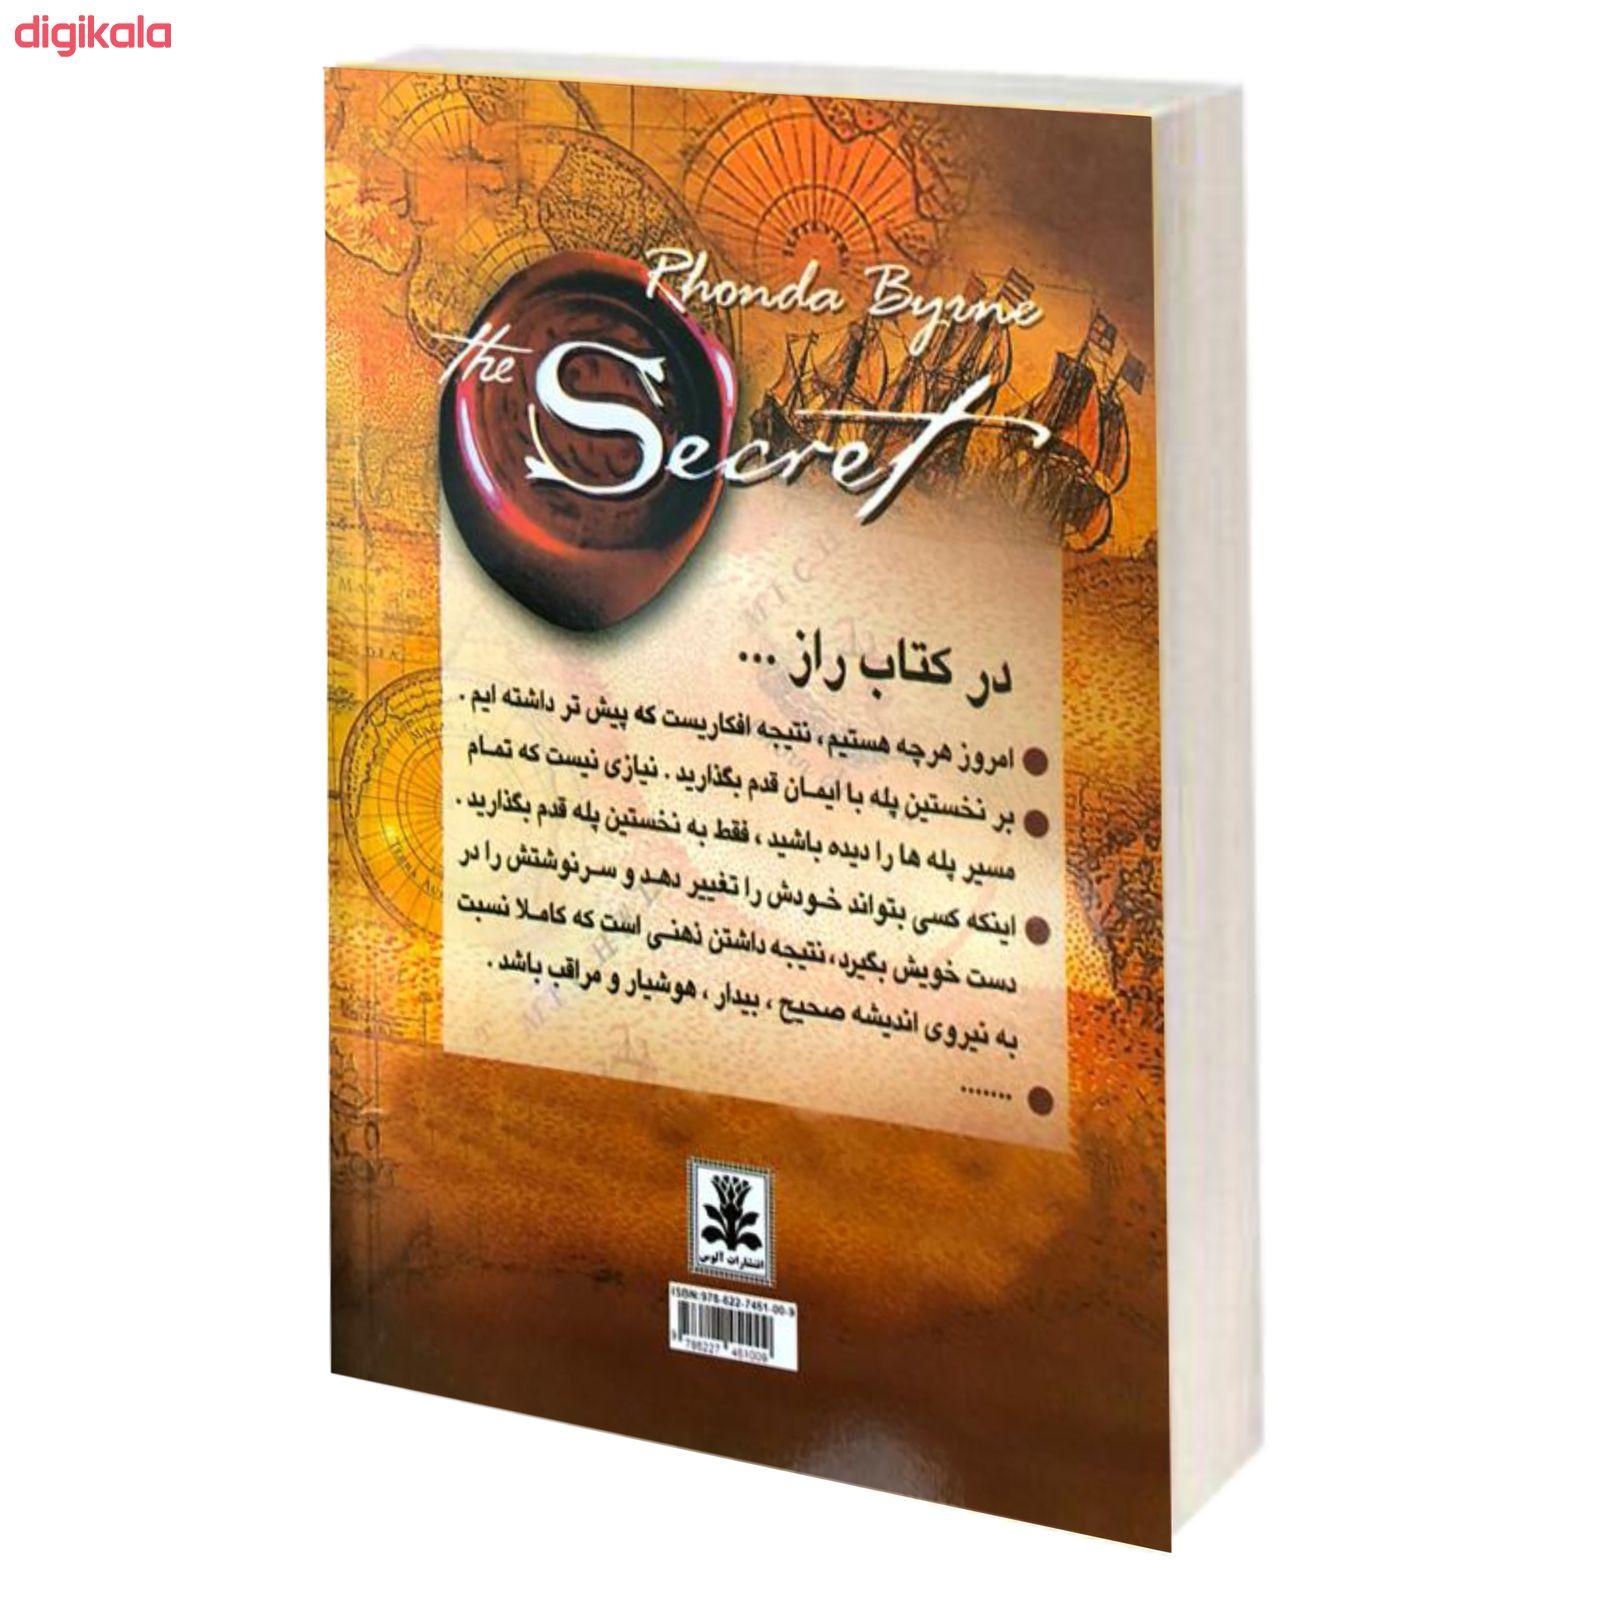 کتاب راز اثر راندا برن نشر آلوس main 1 1